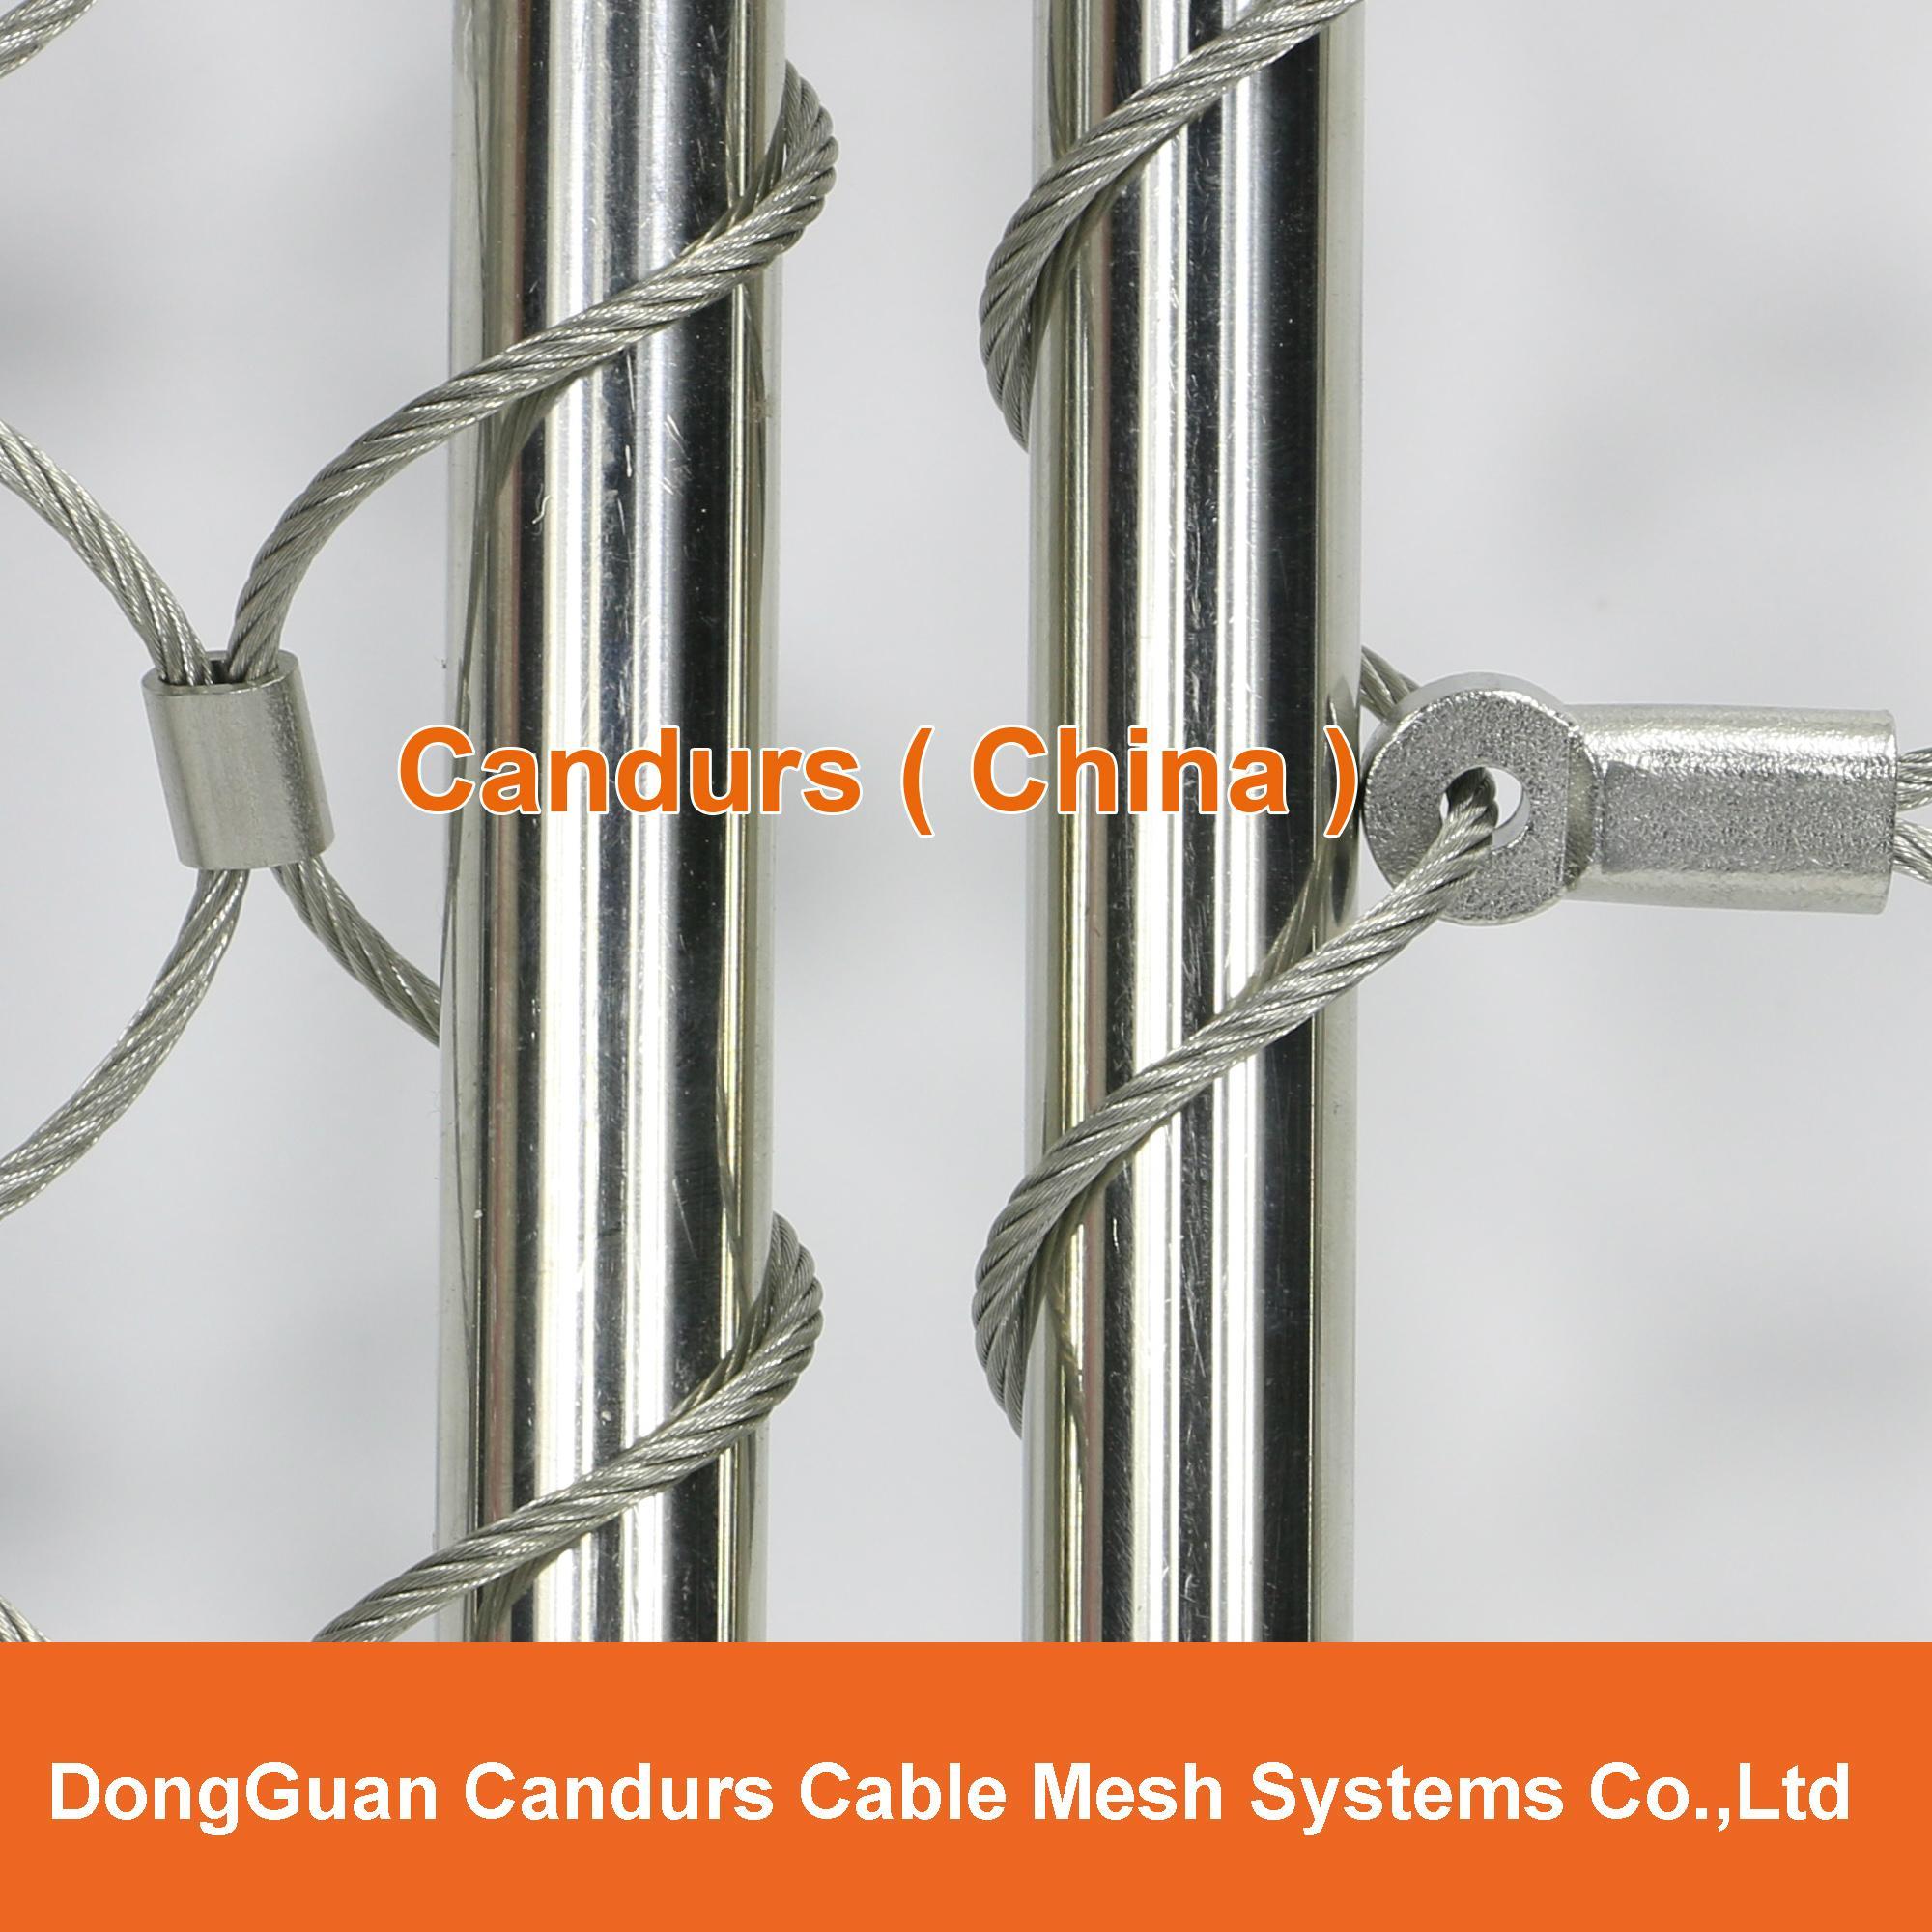 屋顶安全防护不锈钢绳网 5